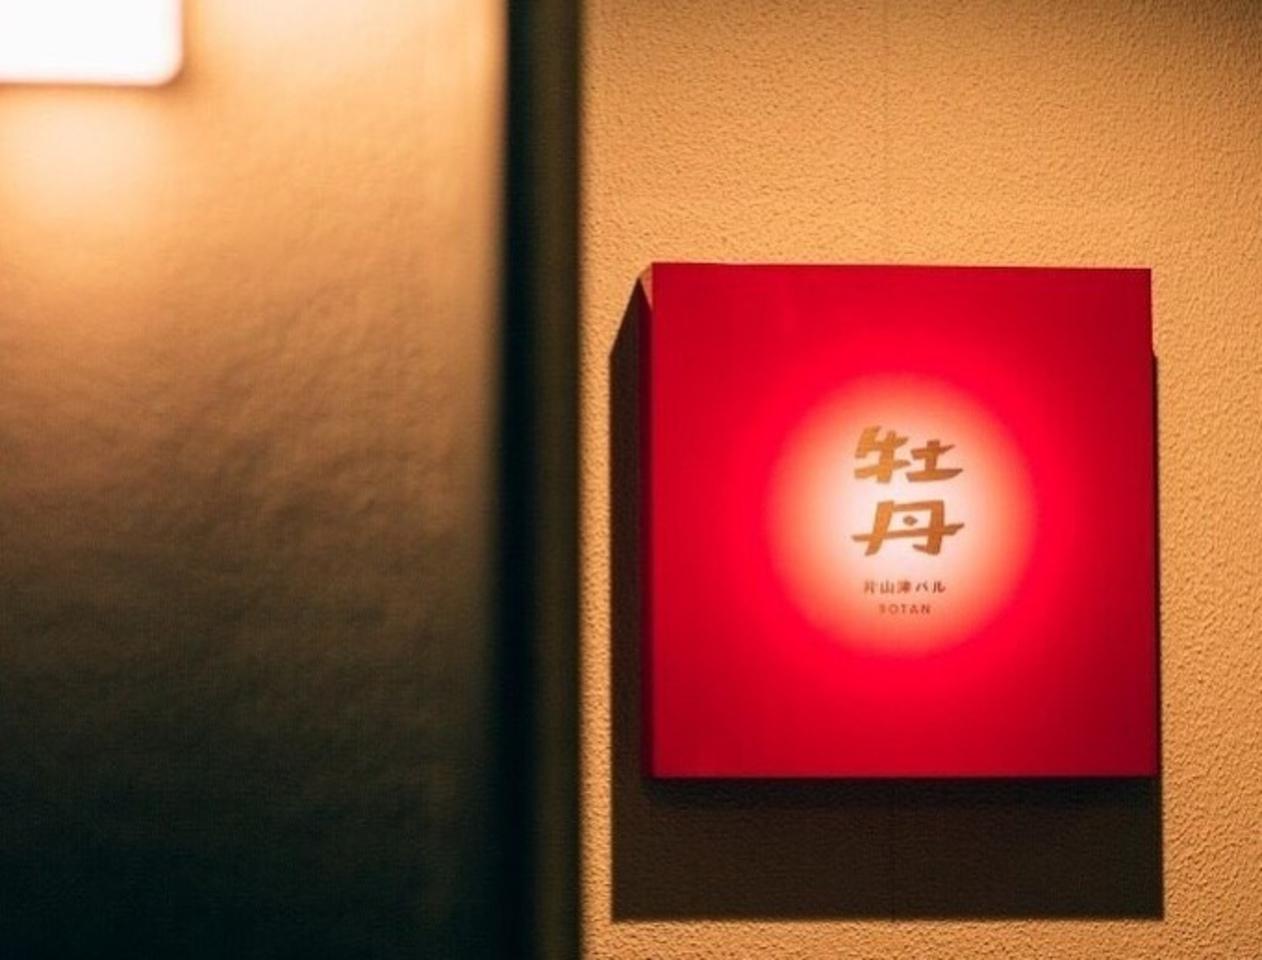 みんなでカンパーイ!...加賀市片山津温泉乙に「片山津バル 牡丹」プレオープン